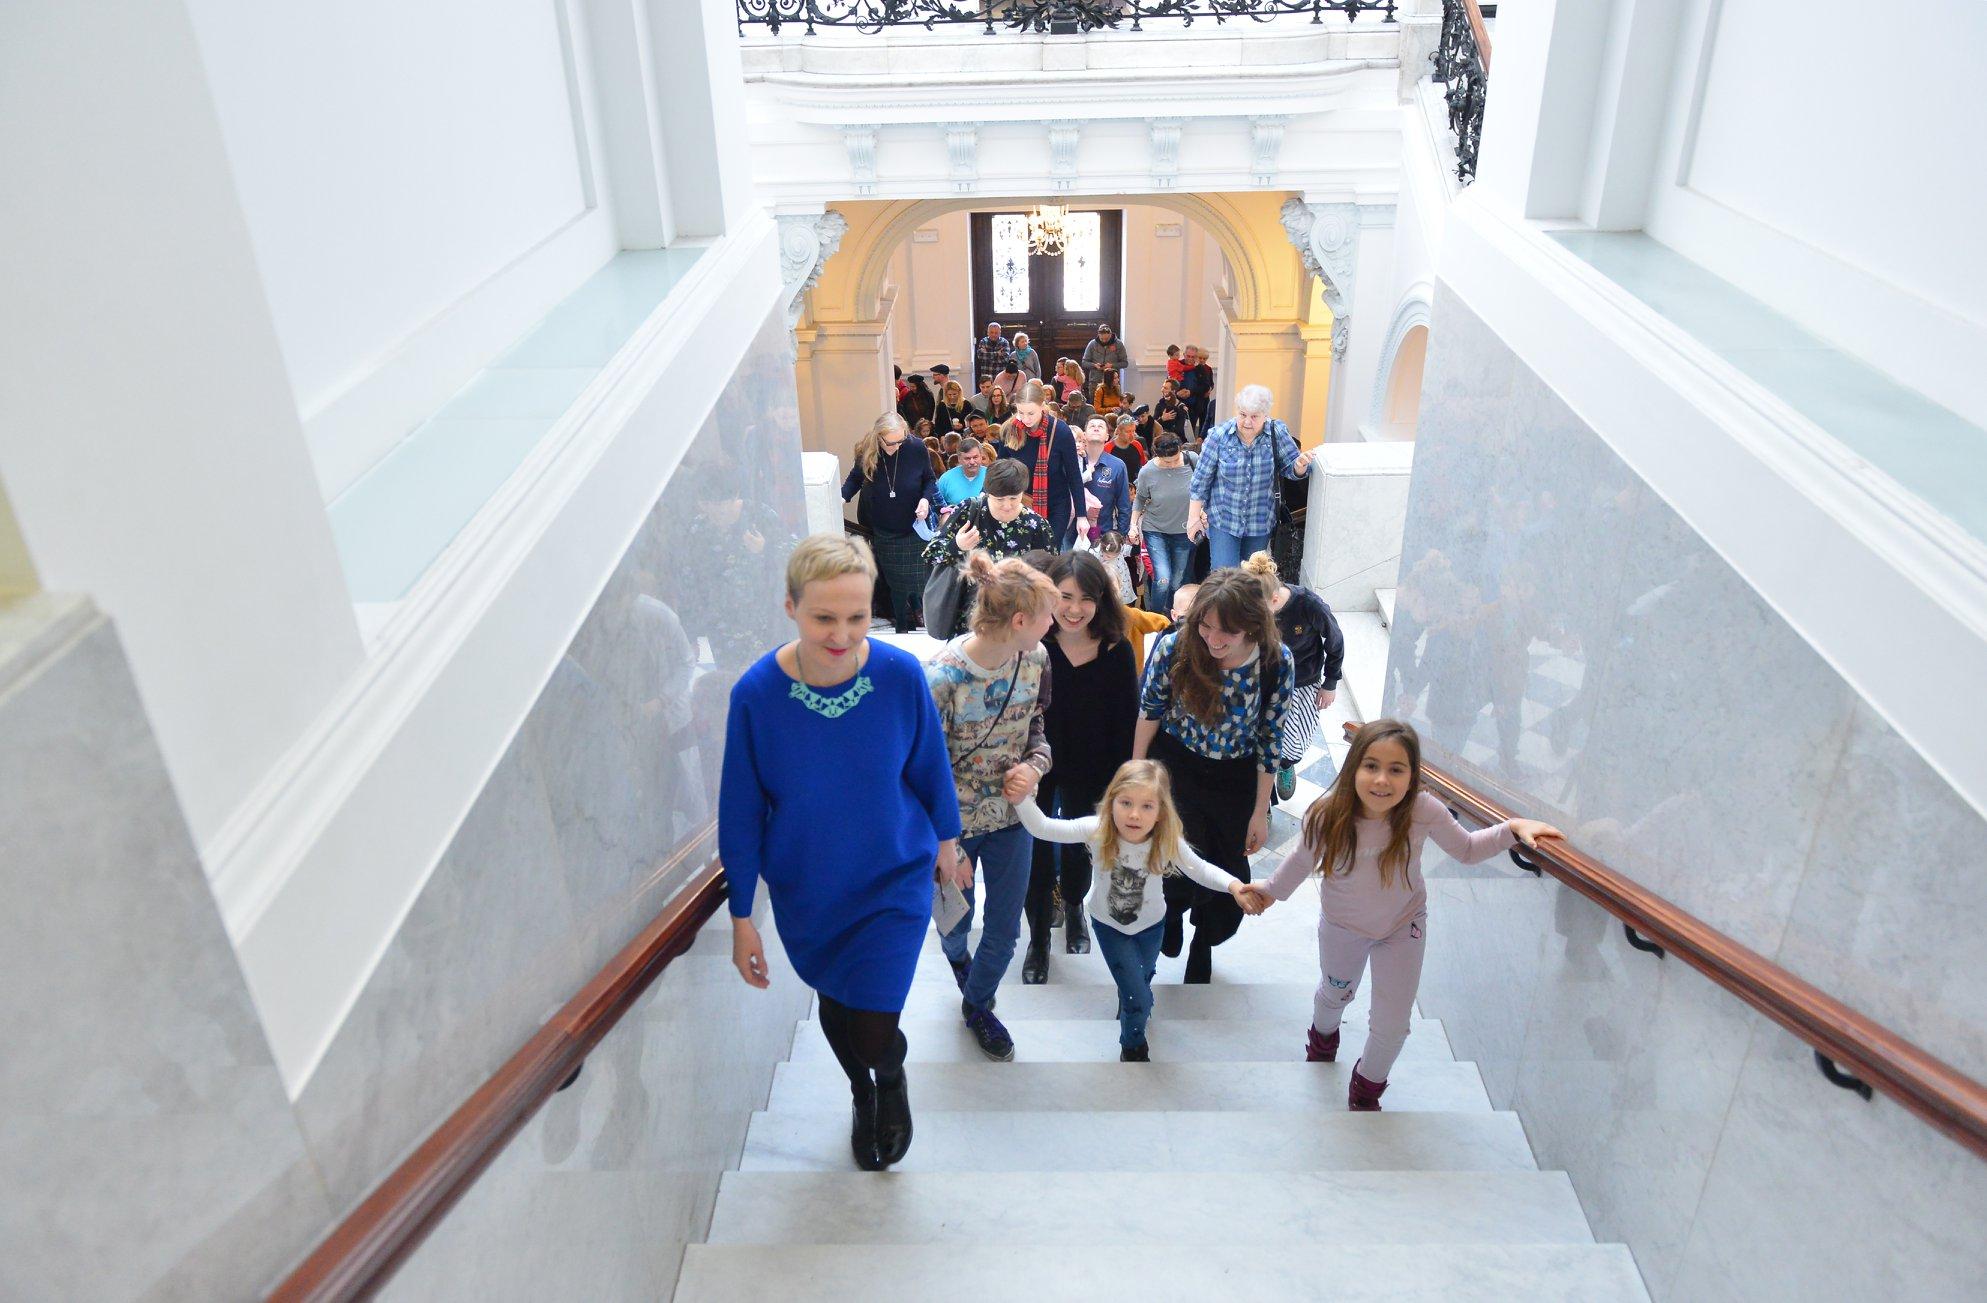 Ewa Solarz prowadzi grupę dzieci i rodziców po schodach galerii.